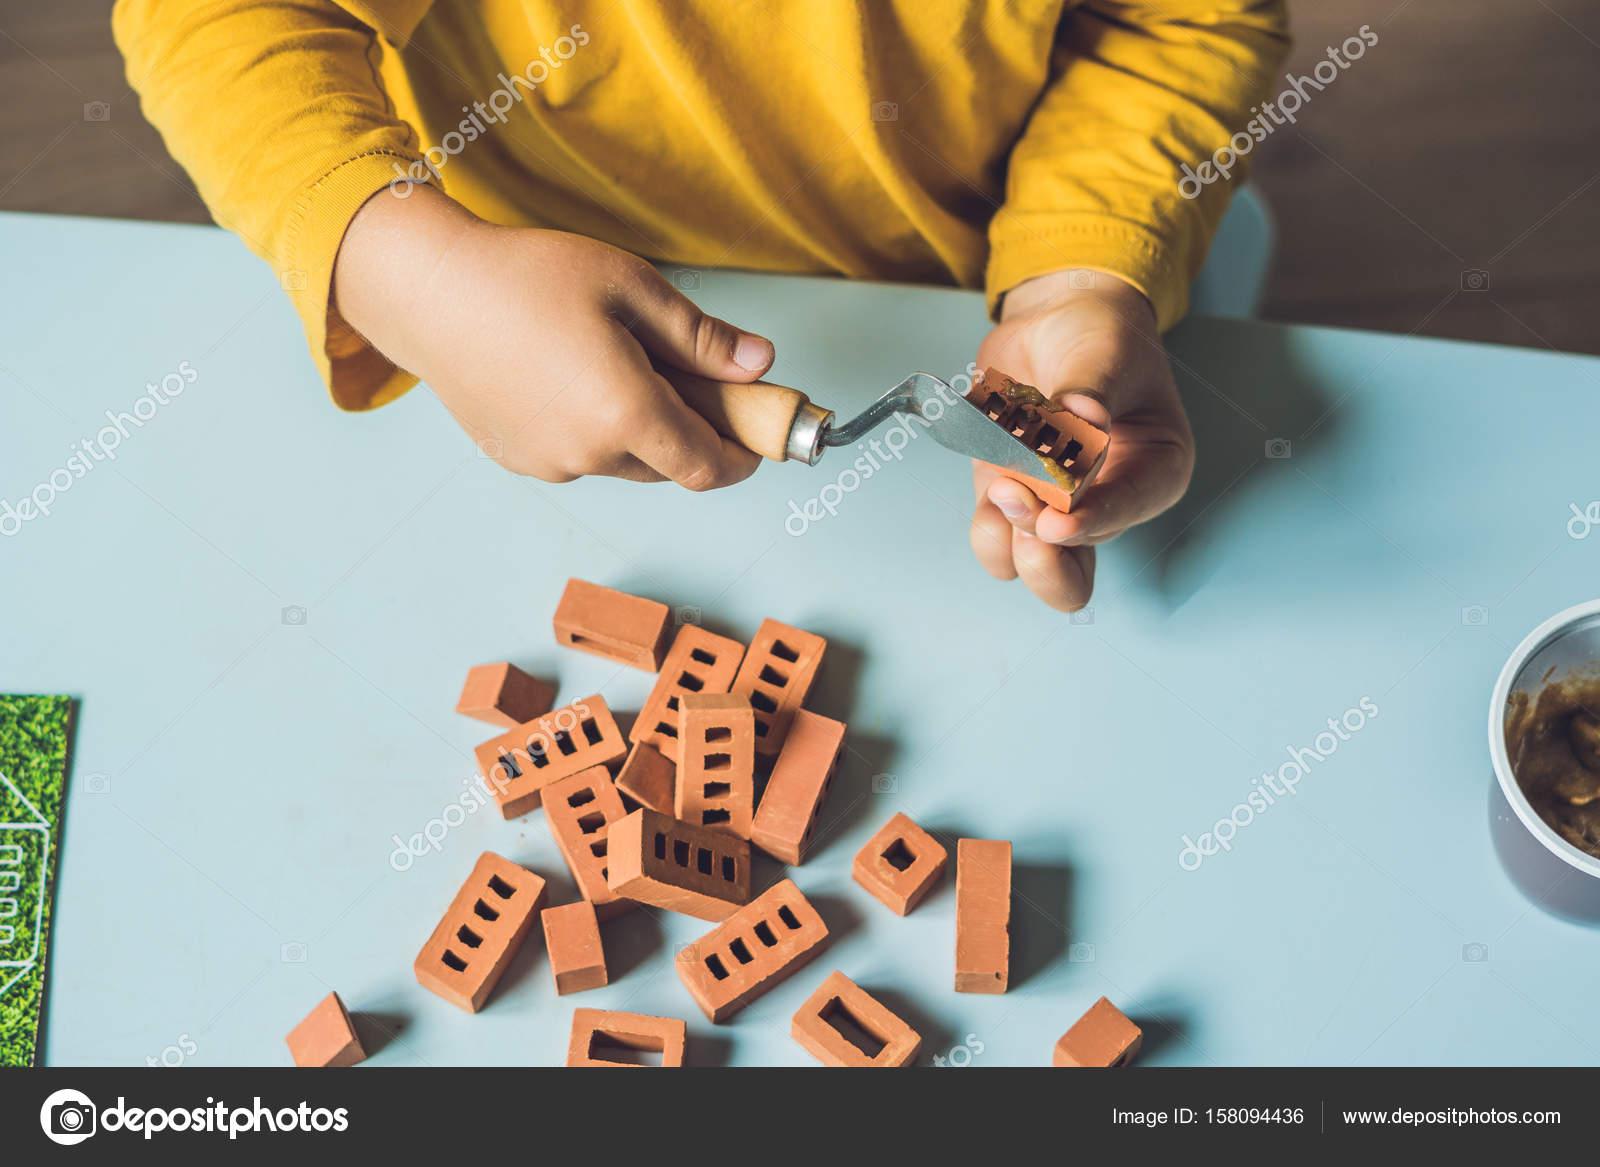 Närbild av barnets händer spelar med riktigt små Lerategelstenar vid bordet.  Småbarn har kul och bygga ur verkliga små lerategelstenar. Tidigt lärande. 19e6ef311a05e